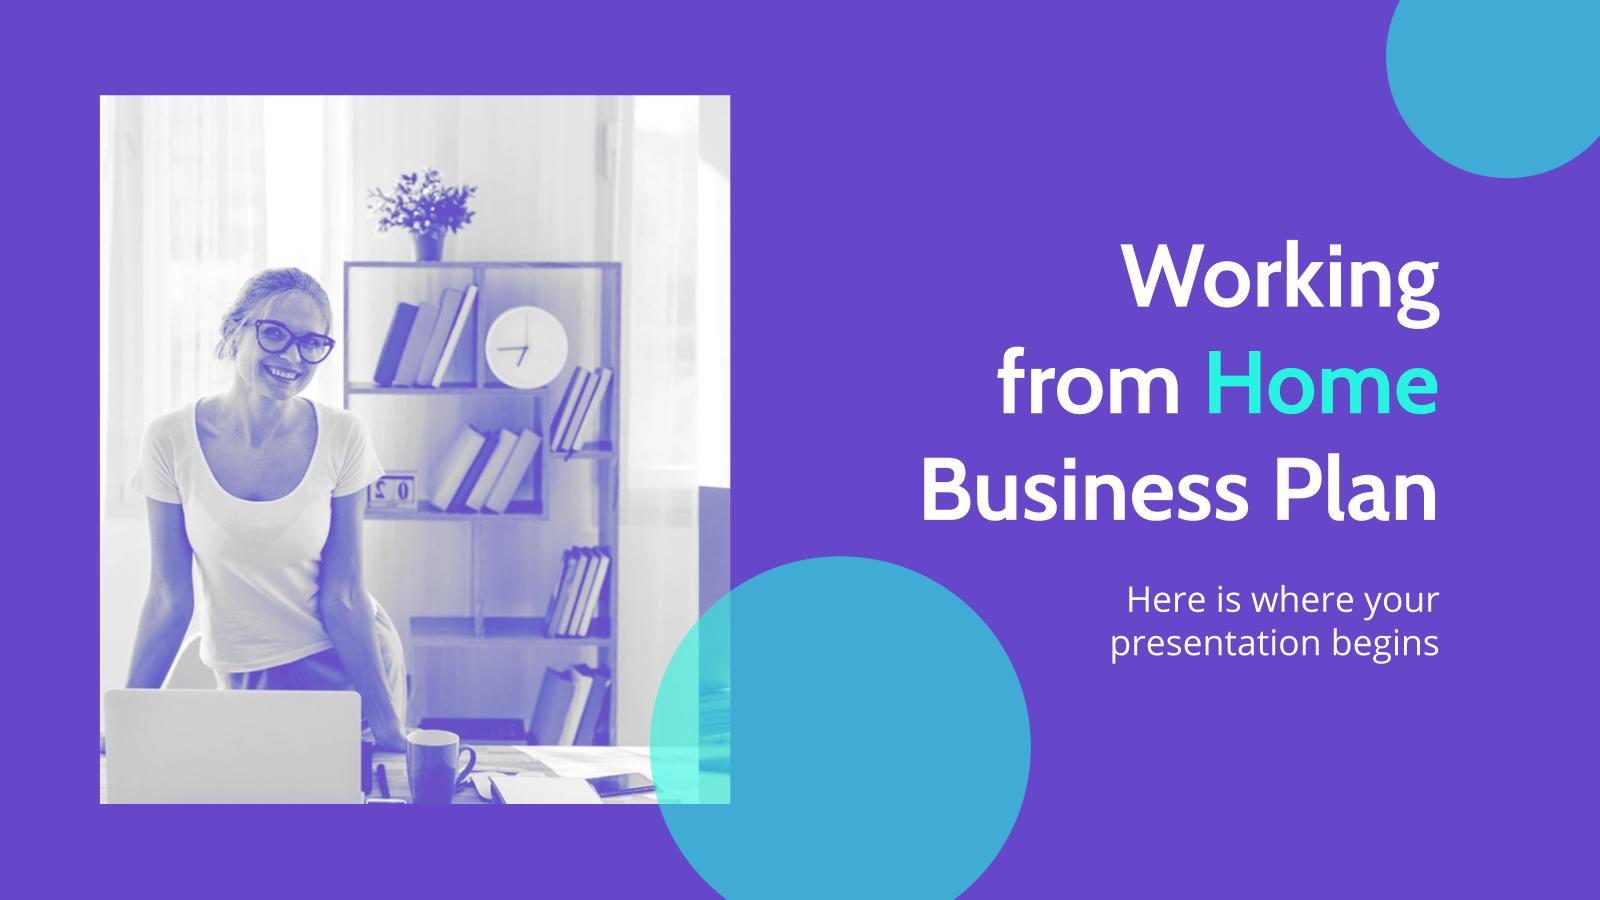 Business plan et télétravail : Modèles de présentation